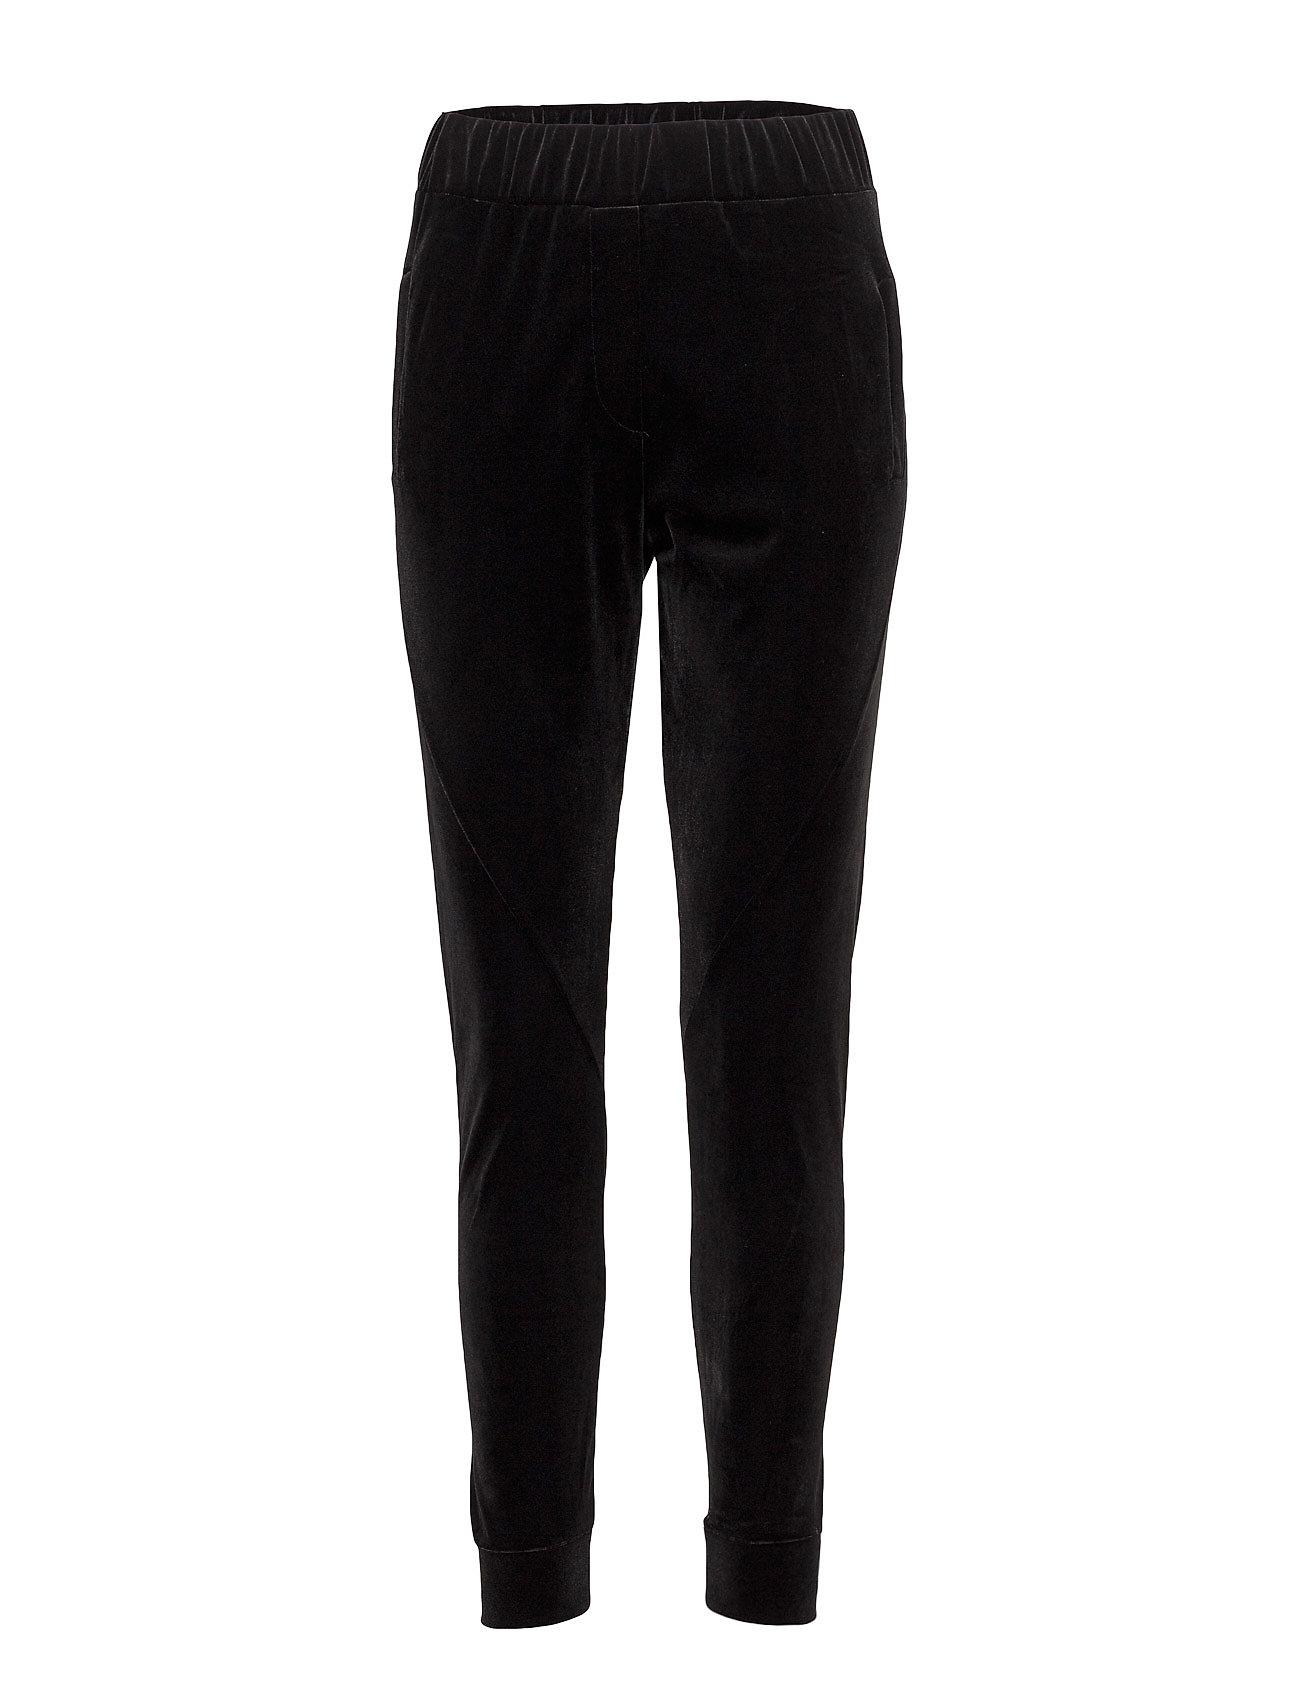 2nd one Miley 103 black velvet, pants på boozt.com dk